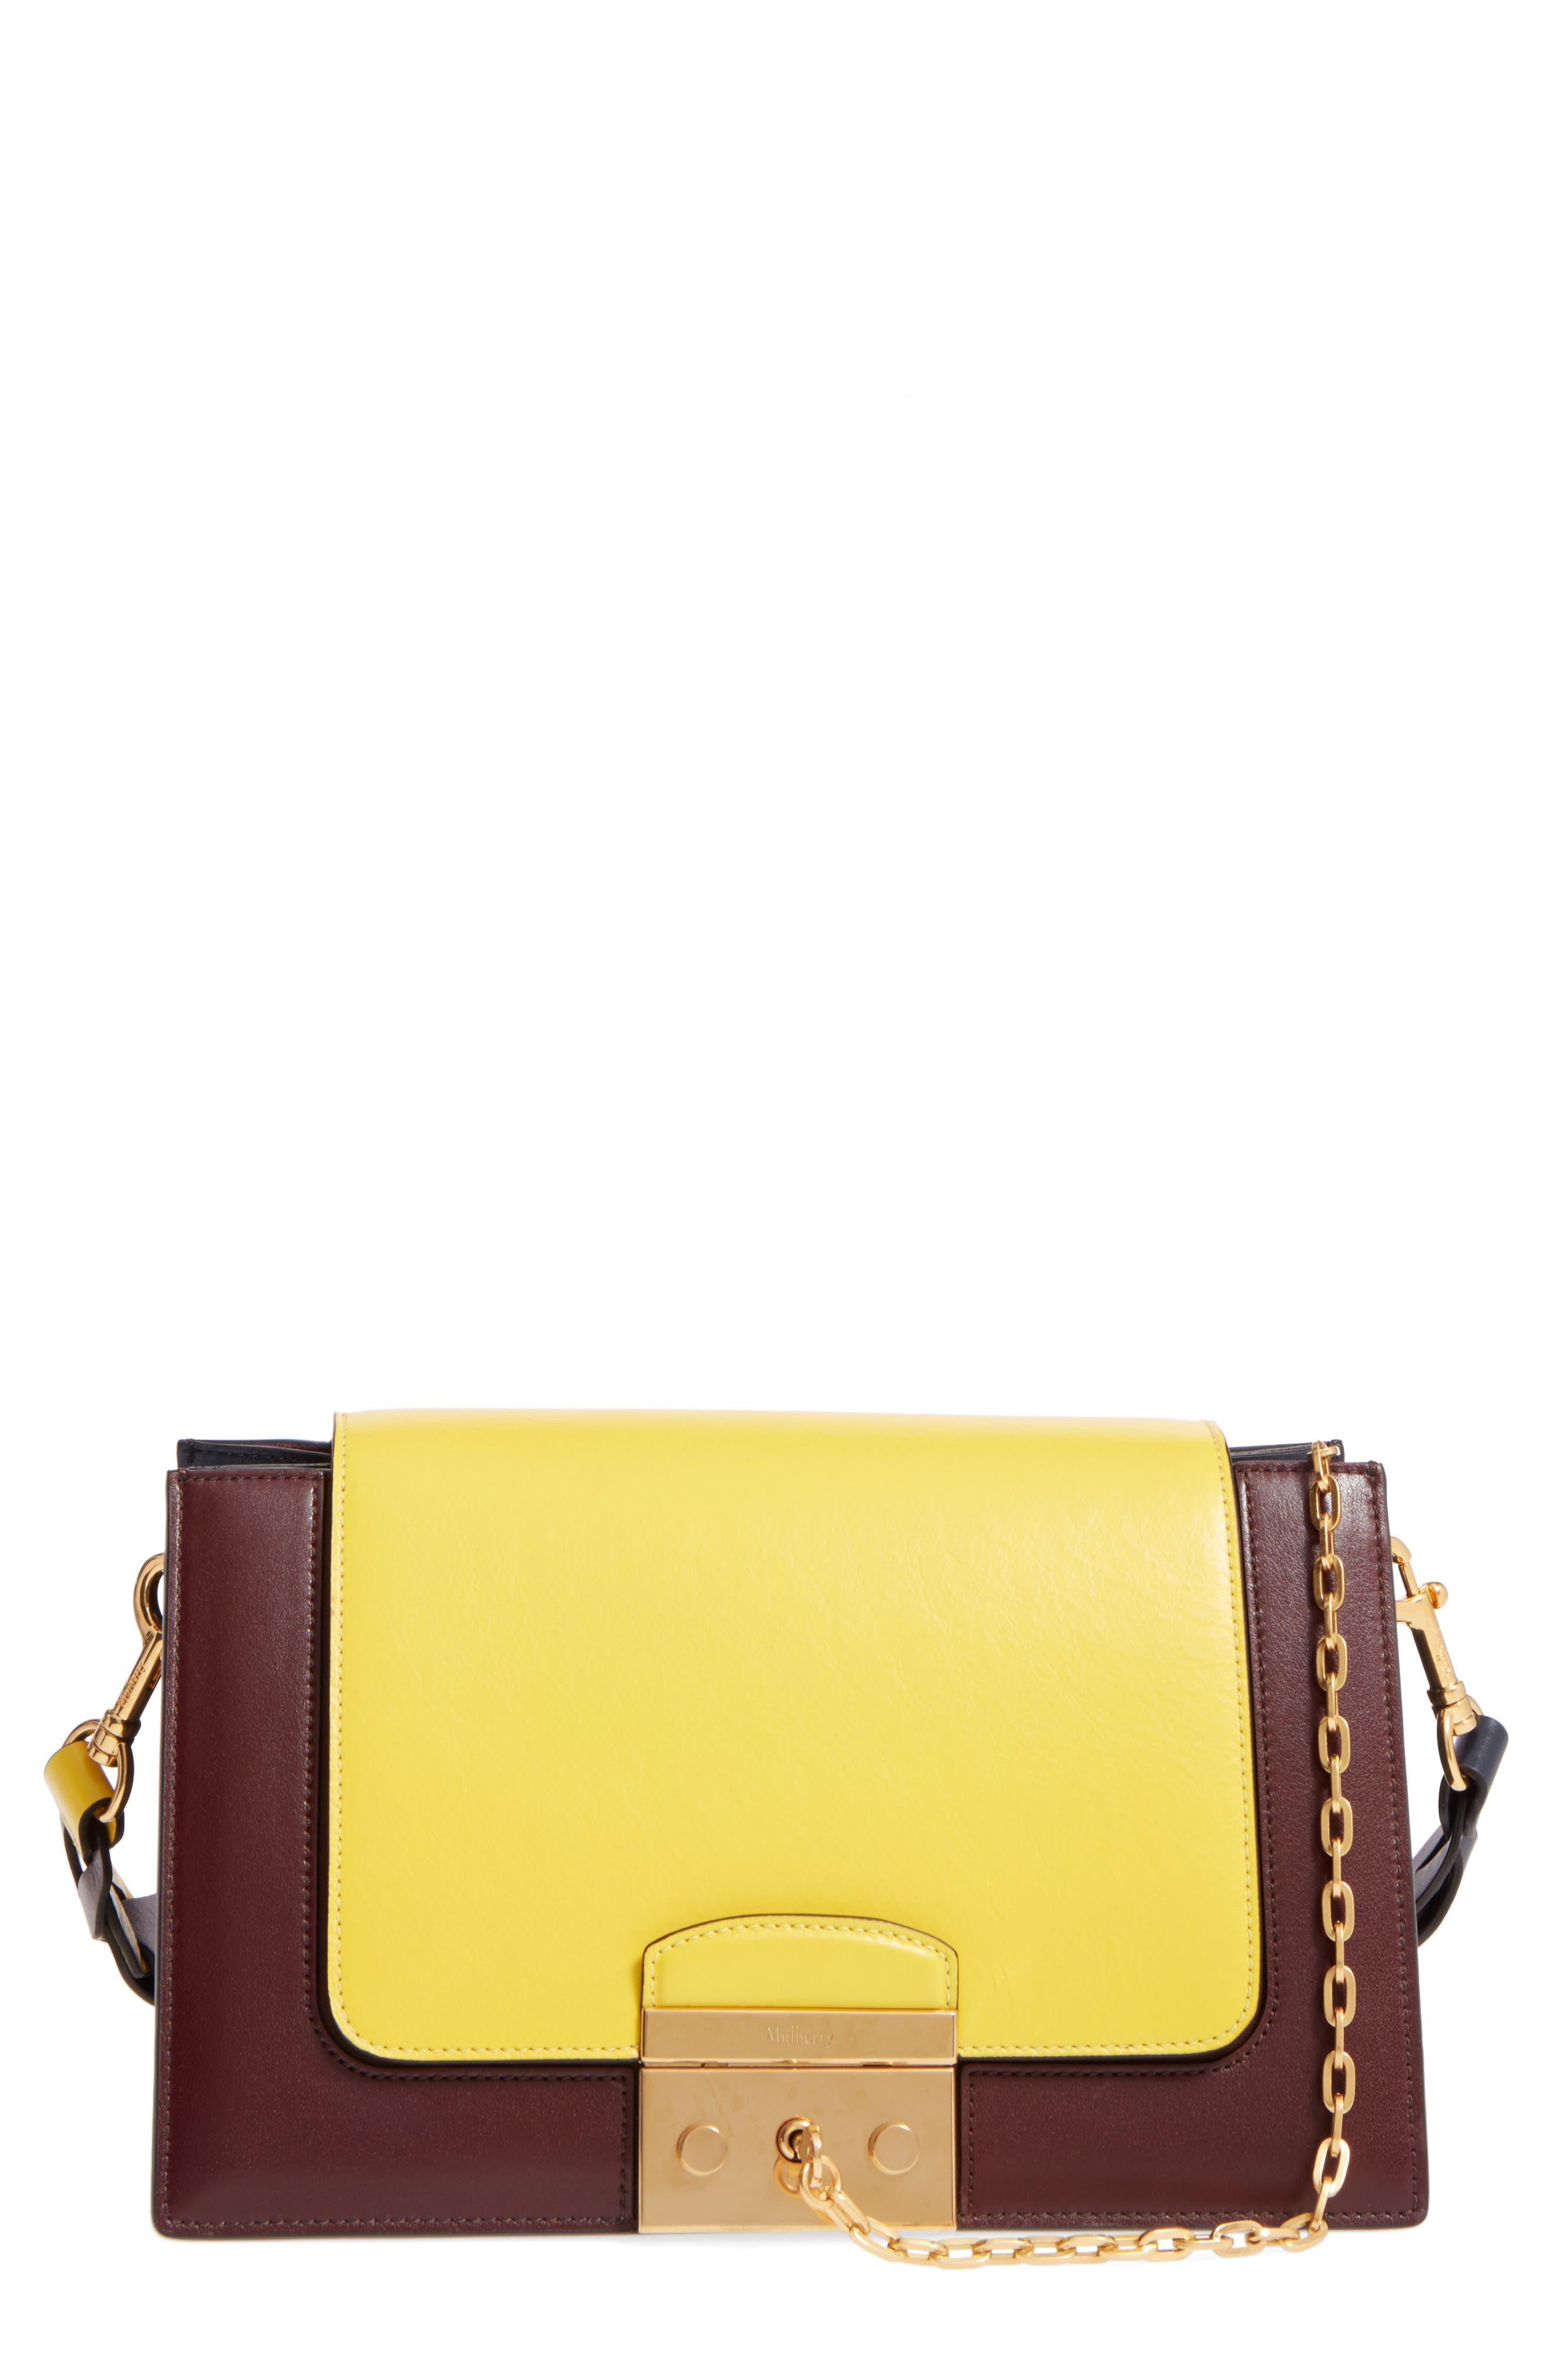 Alternate Image 1 Selected - Mulberry Pembroke Color Block Leather Shoulder Bag